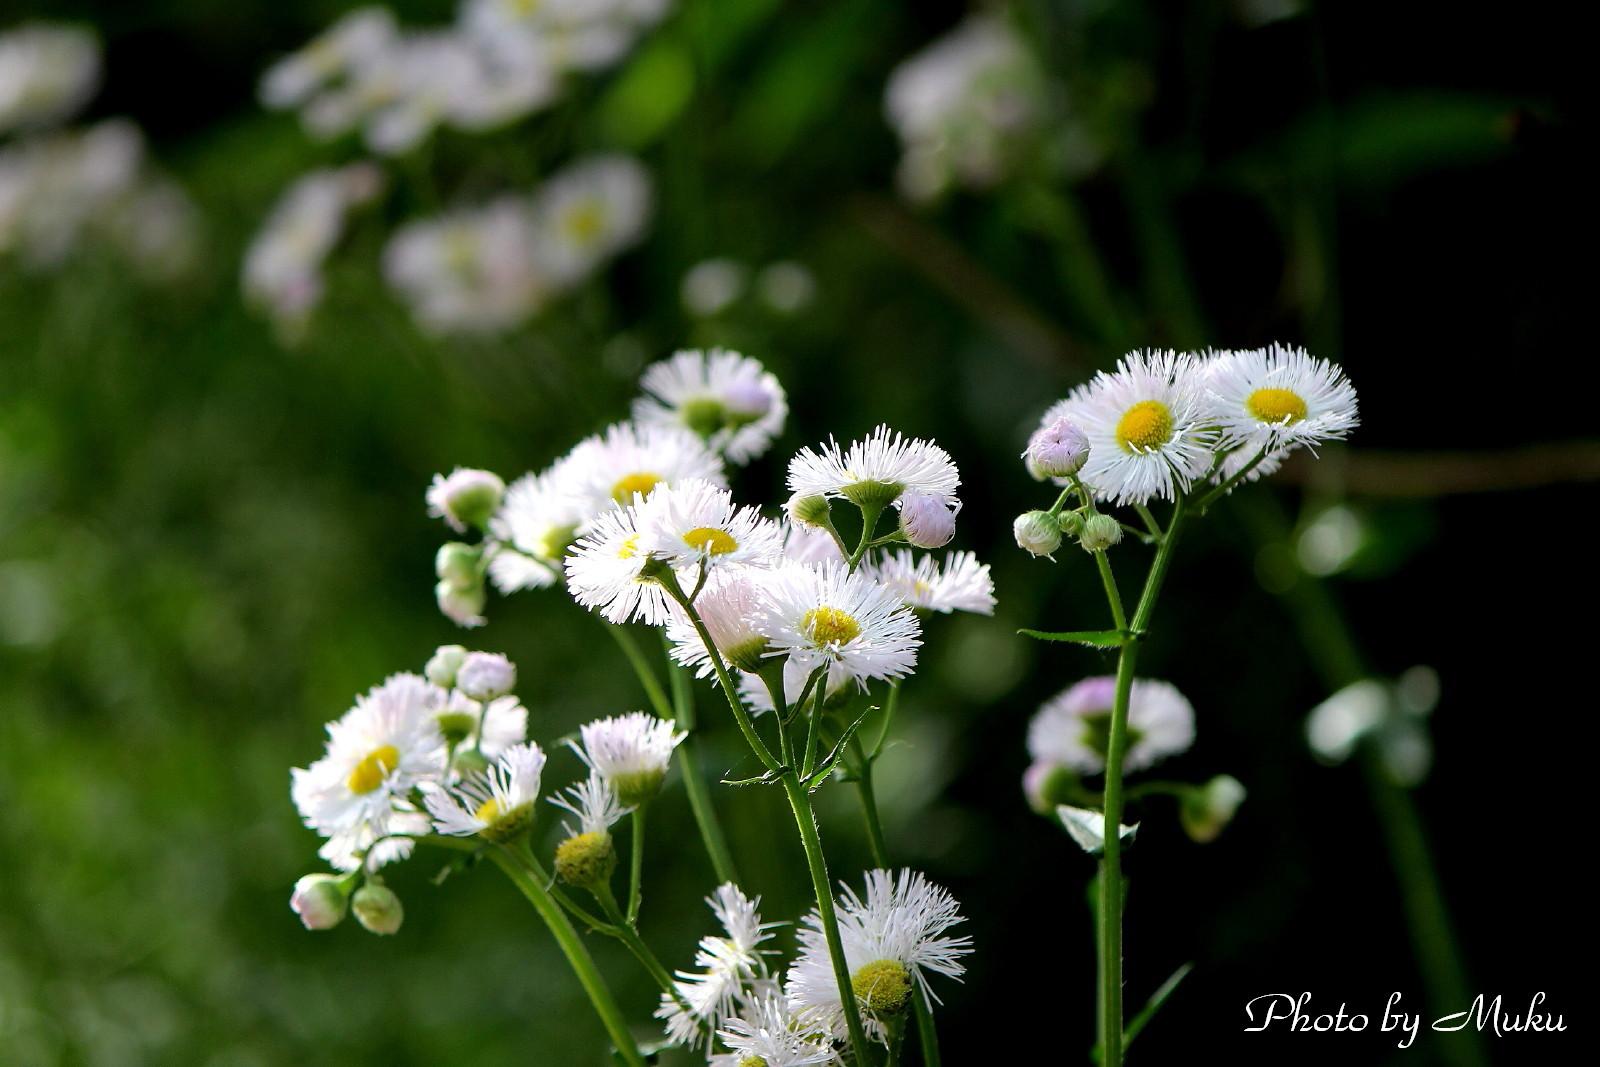 2014/05/12 春紫苑 (散歩道:神奈川県横須賀市)